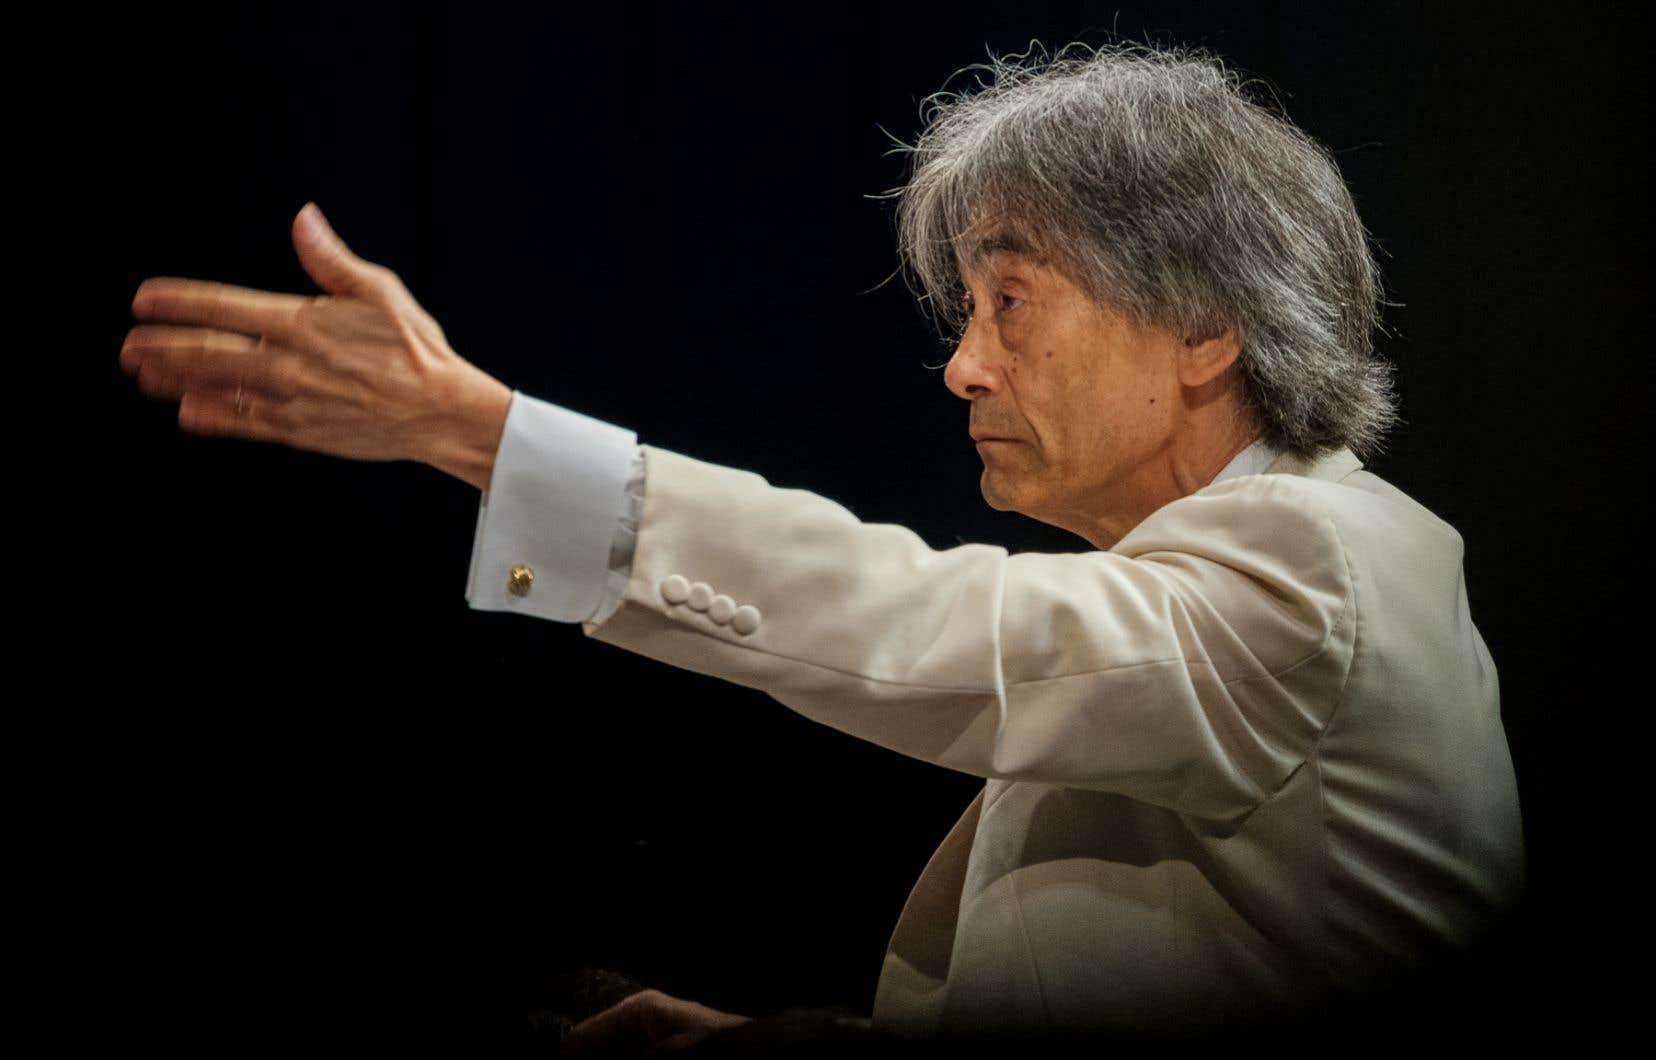 L'idée de Kent Nagano d'opposer sur scène les deux sections de violons est excellente, de même que celle d'envoyer sur la gauche les contrebasses et violoncelles, ce qui augmente légèrement le rendement des fréquences graves dans la salle.